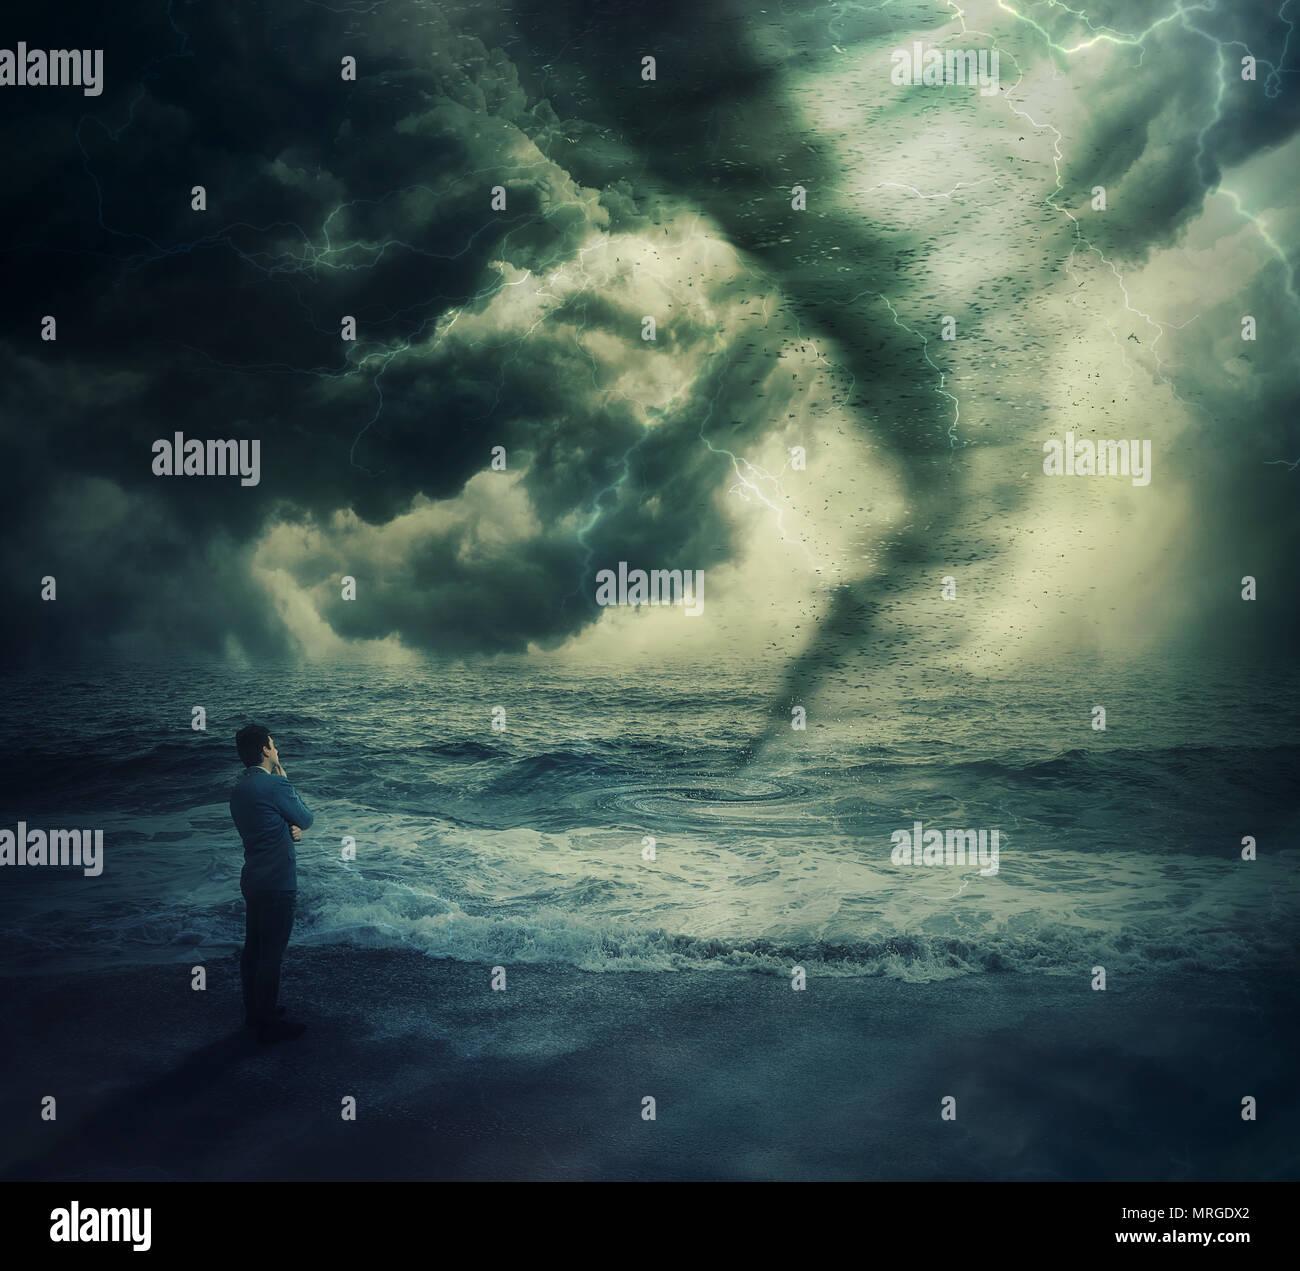 Pensativo empresario valiente postura sobre la orilla fornt de un poderoso tornado tormenta en el mar, causando daños y destrucción. Foto de stock